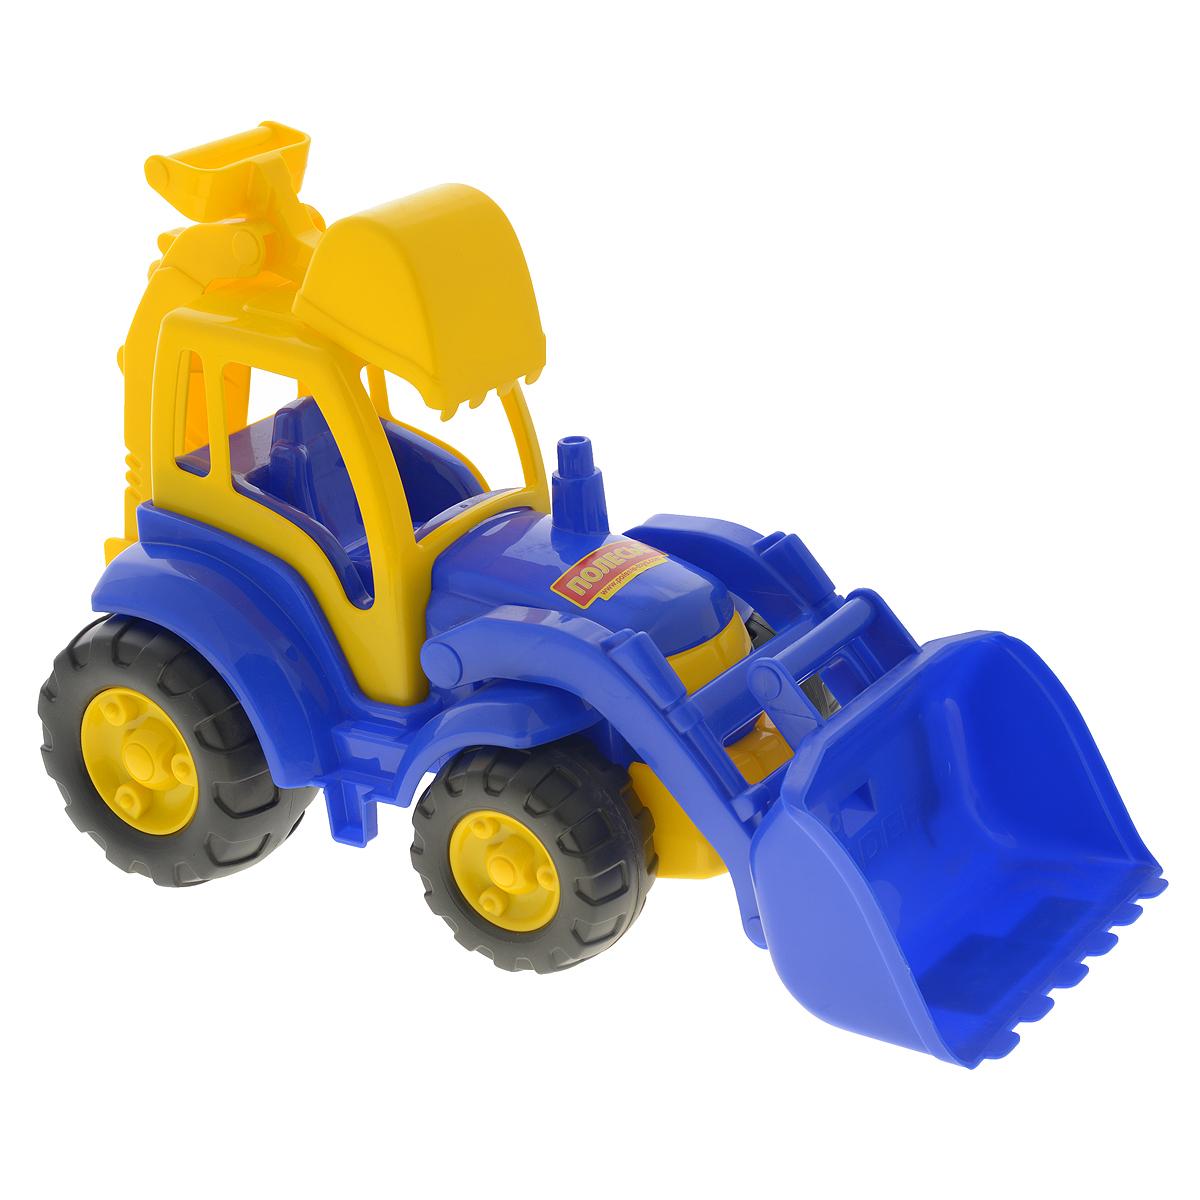 полесье трактор чемпион цвет синий желтый Полесье Трактор Чемпион цвет синий желтый